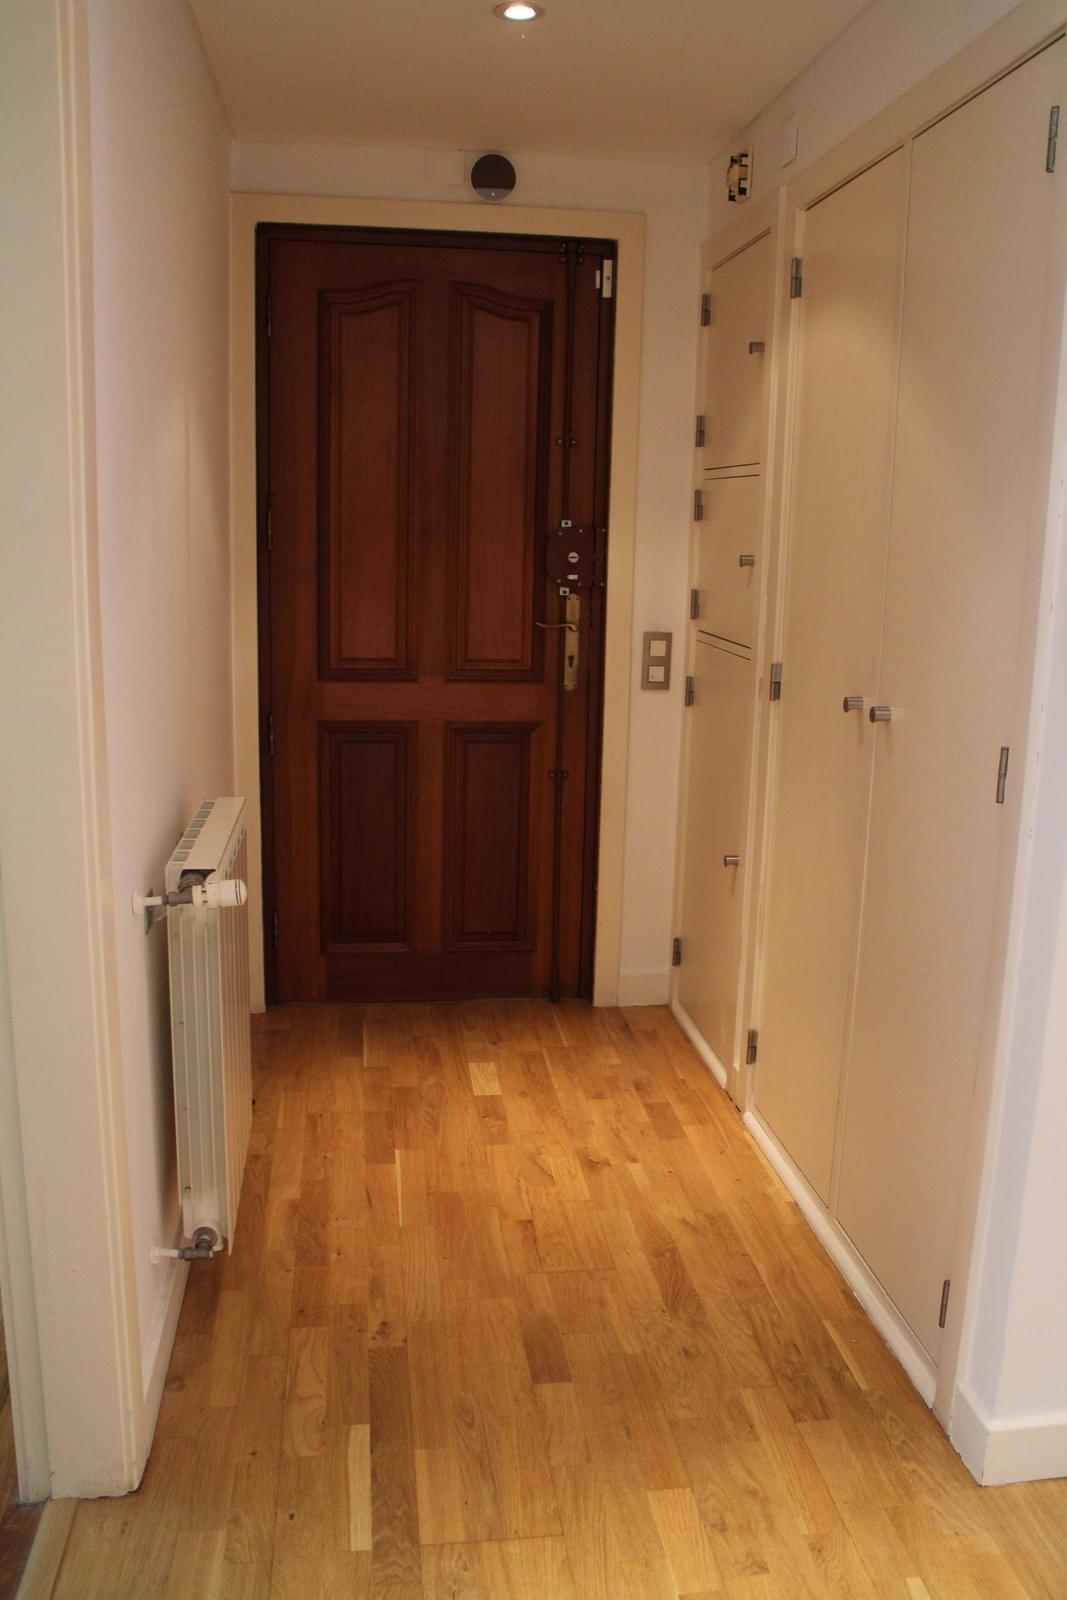 pf17538-apartamento-t2-cascais-f038128d-196f-4e6b-ad3f-dafab0f44e01